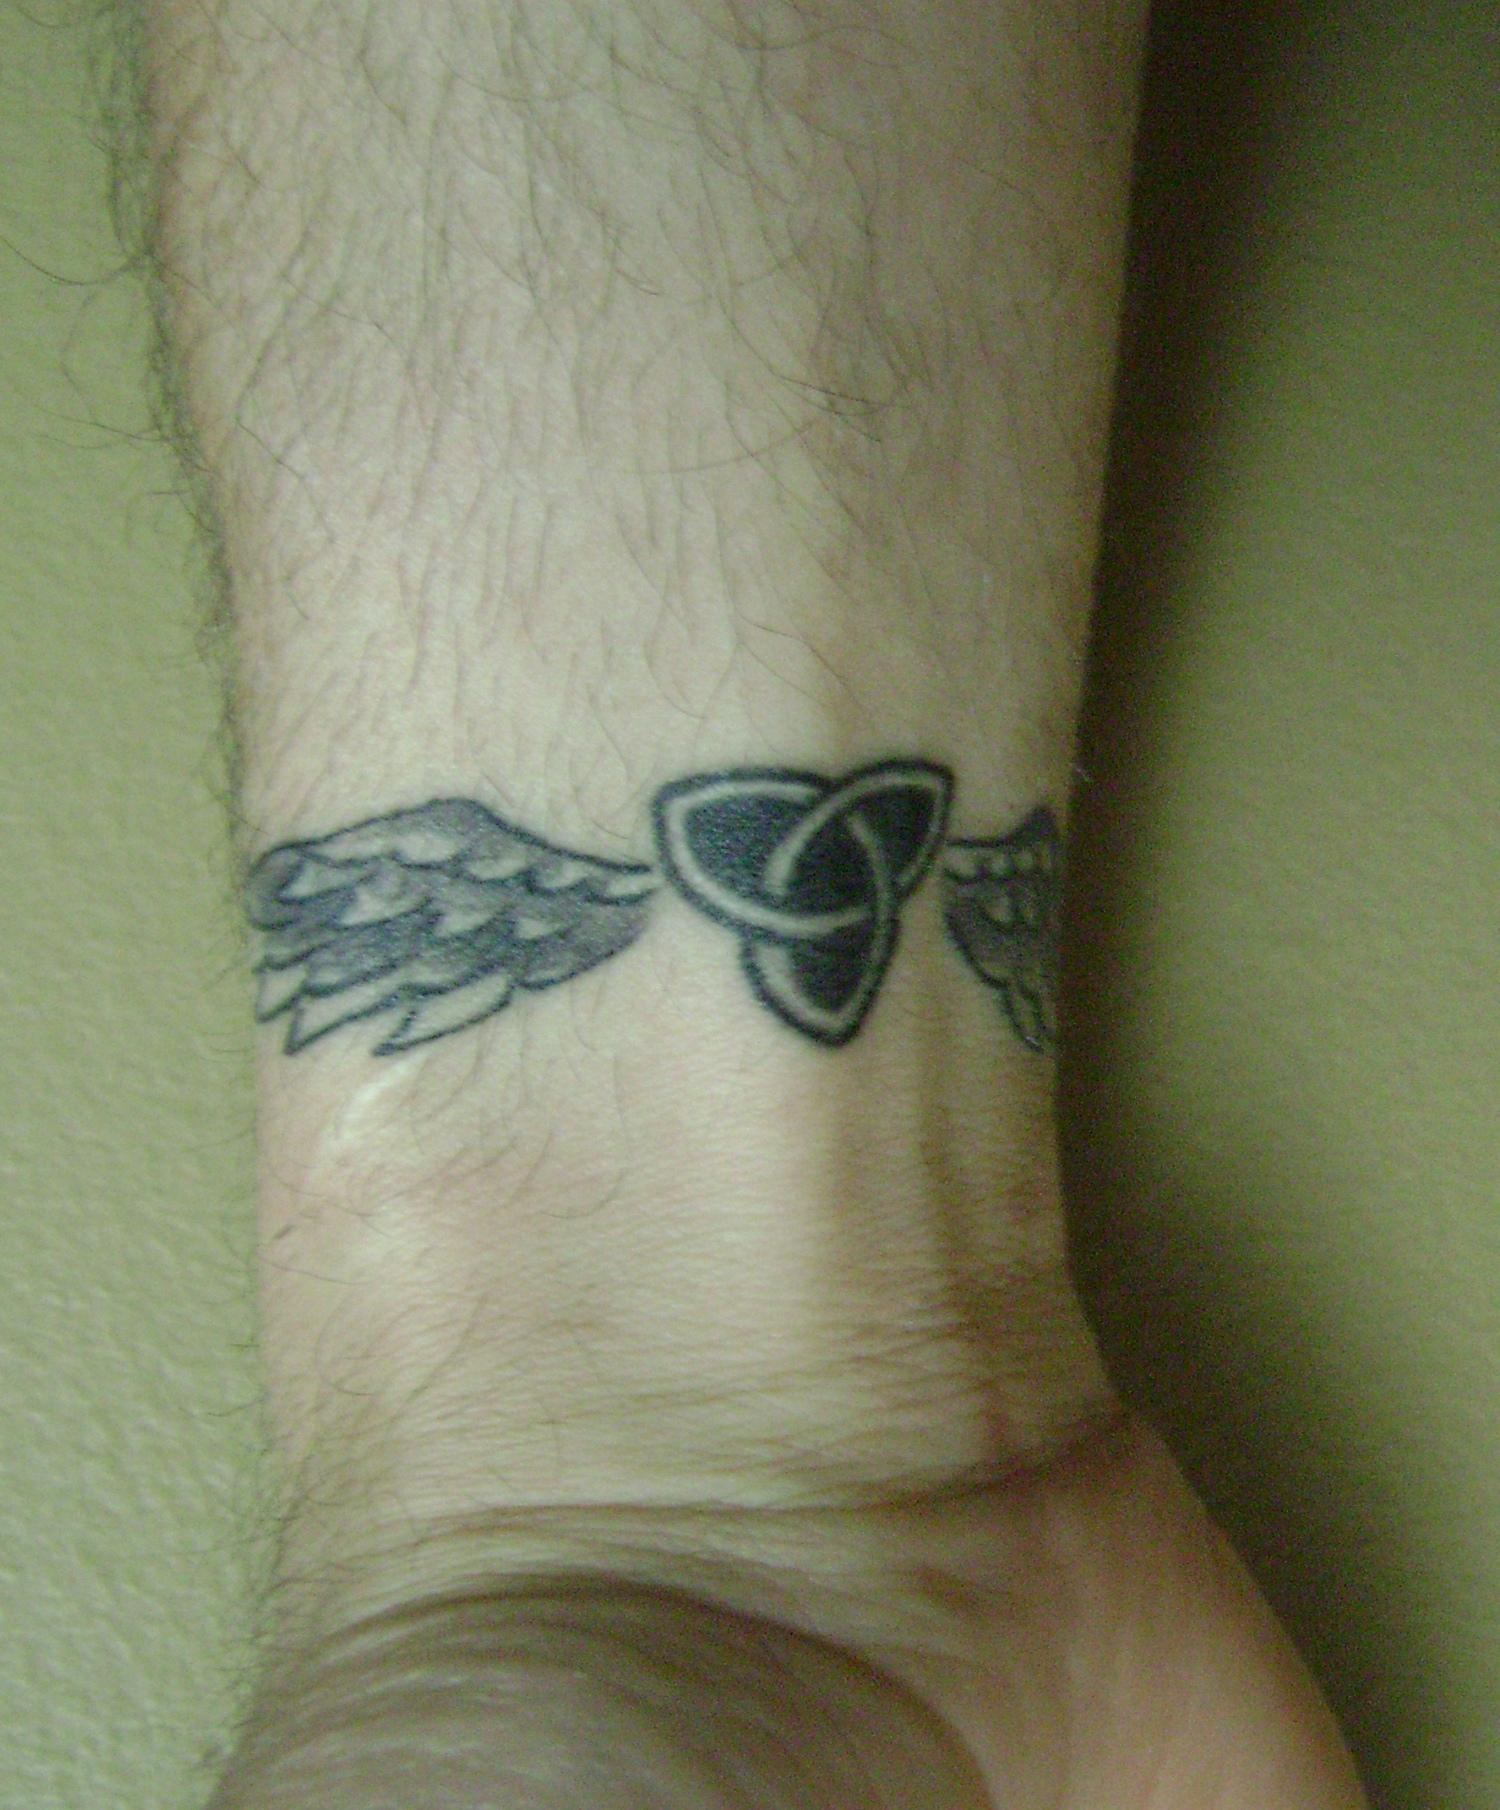 Trinity Wrist Tattoo Tattoo